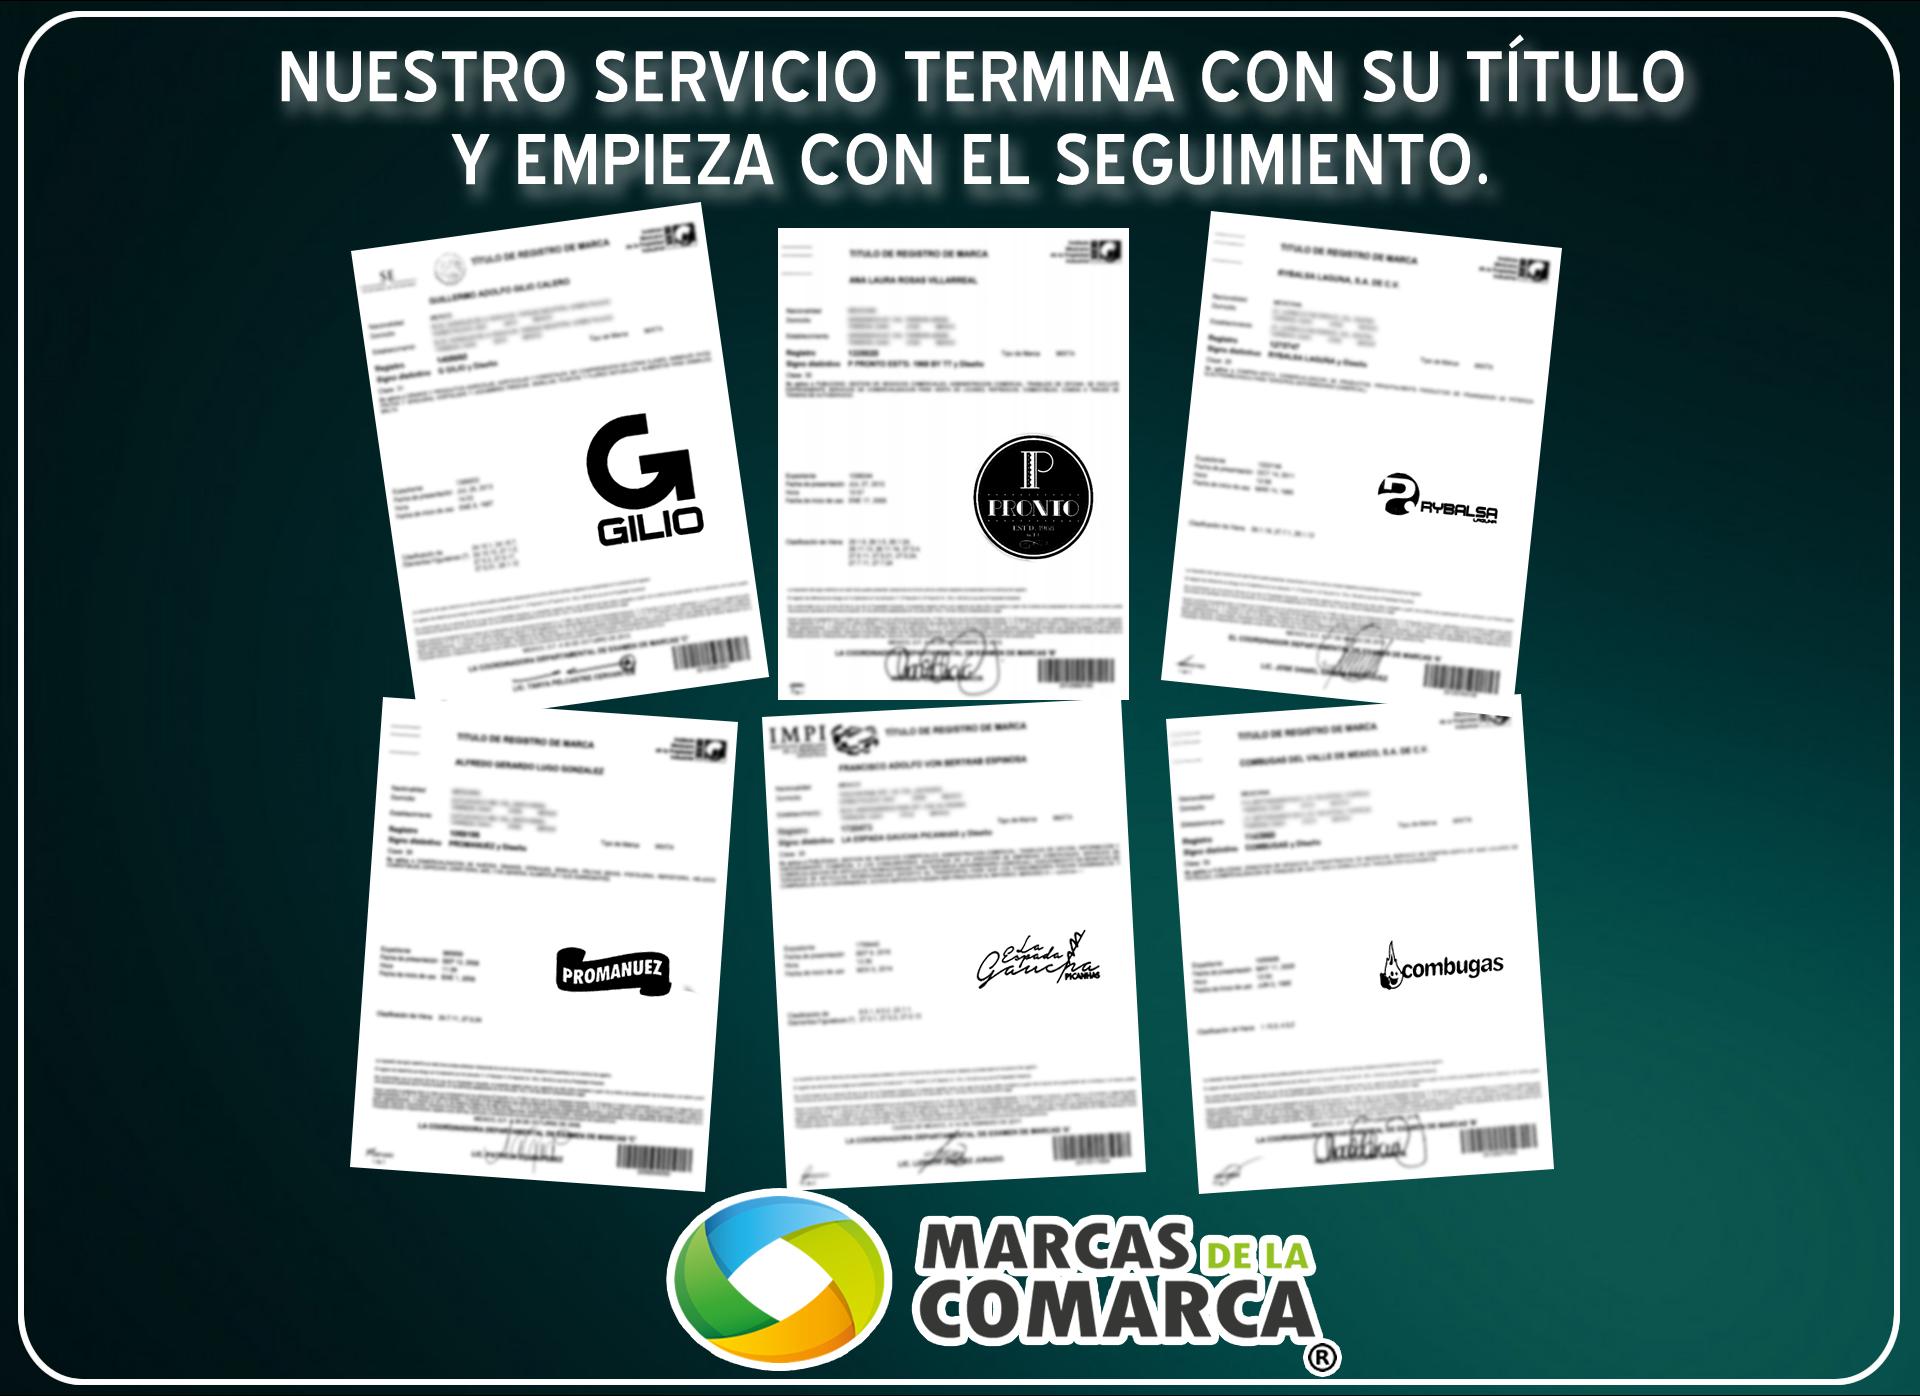 https://0201.nccdn.net/1_2/000/000/0ea/001/Titulos-marcas-1920x1396.png